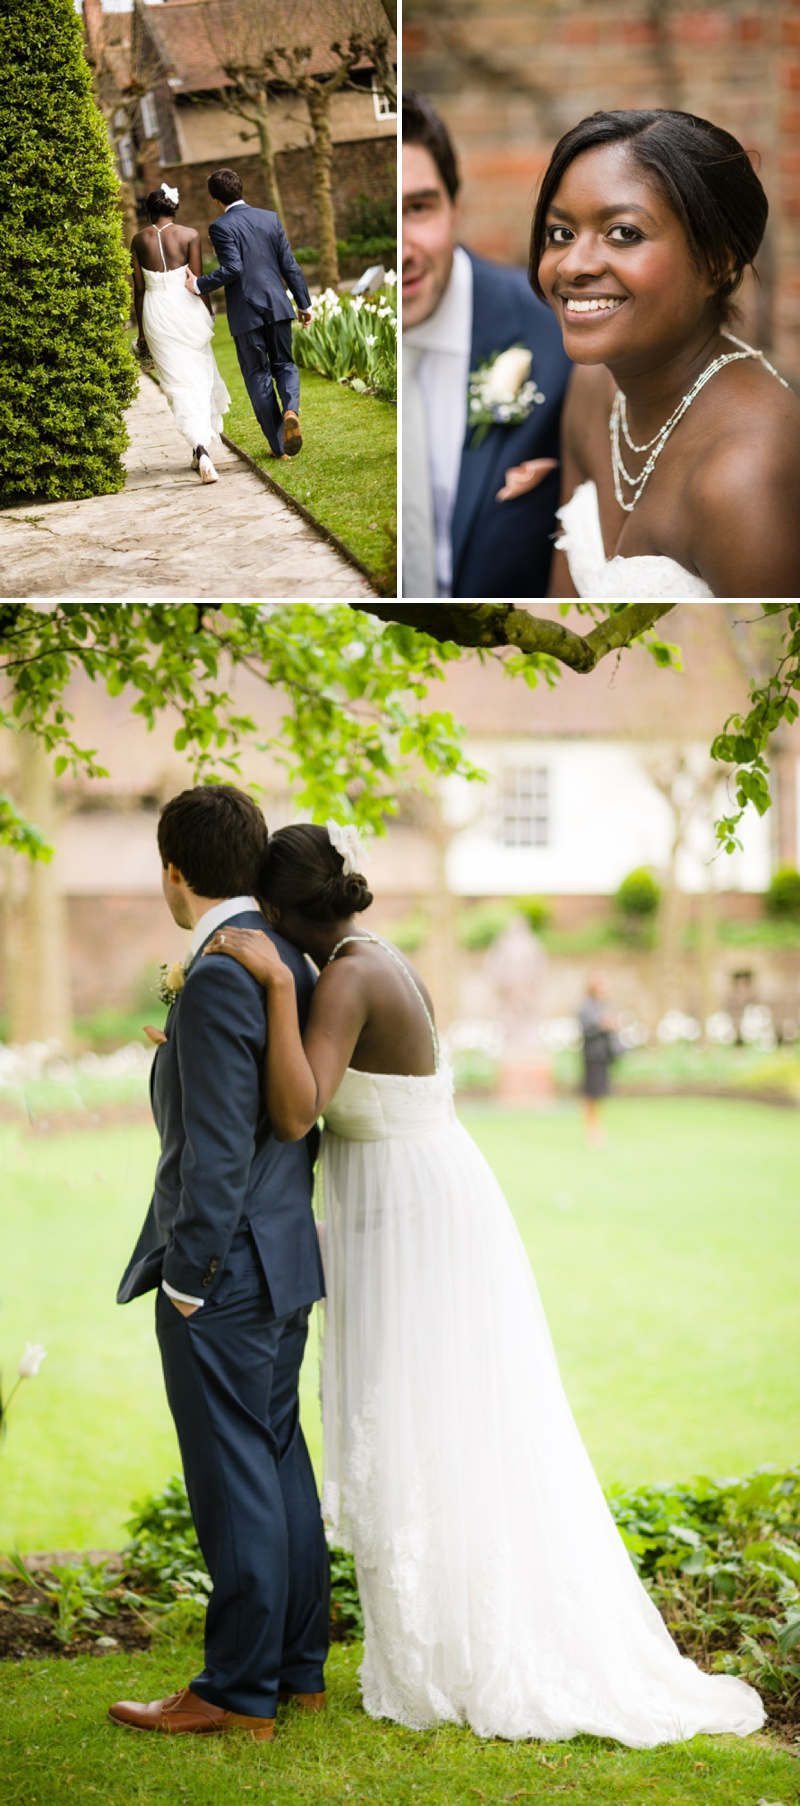 Shoot Wedding Photography